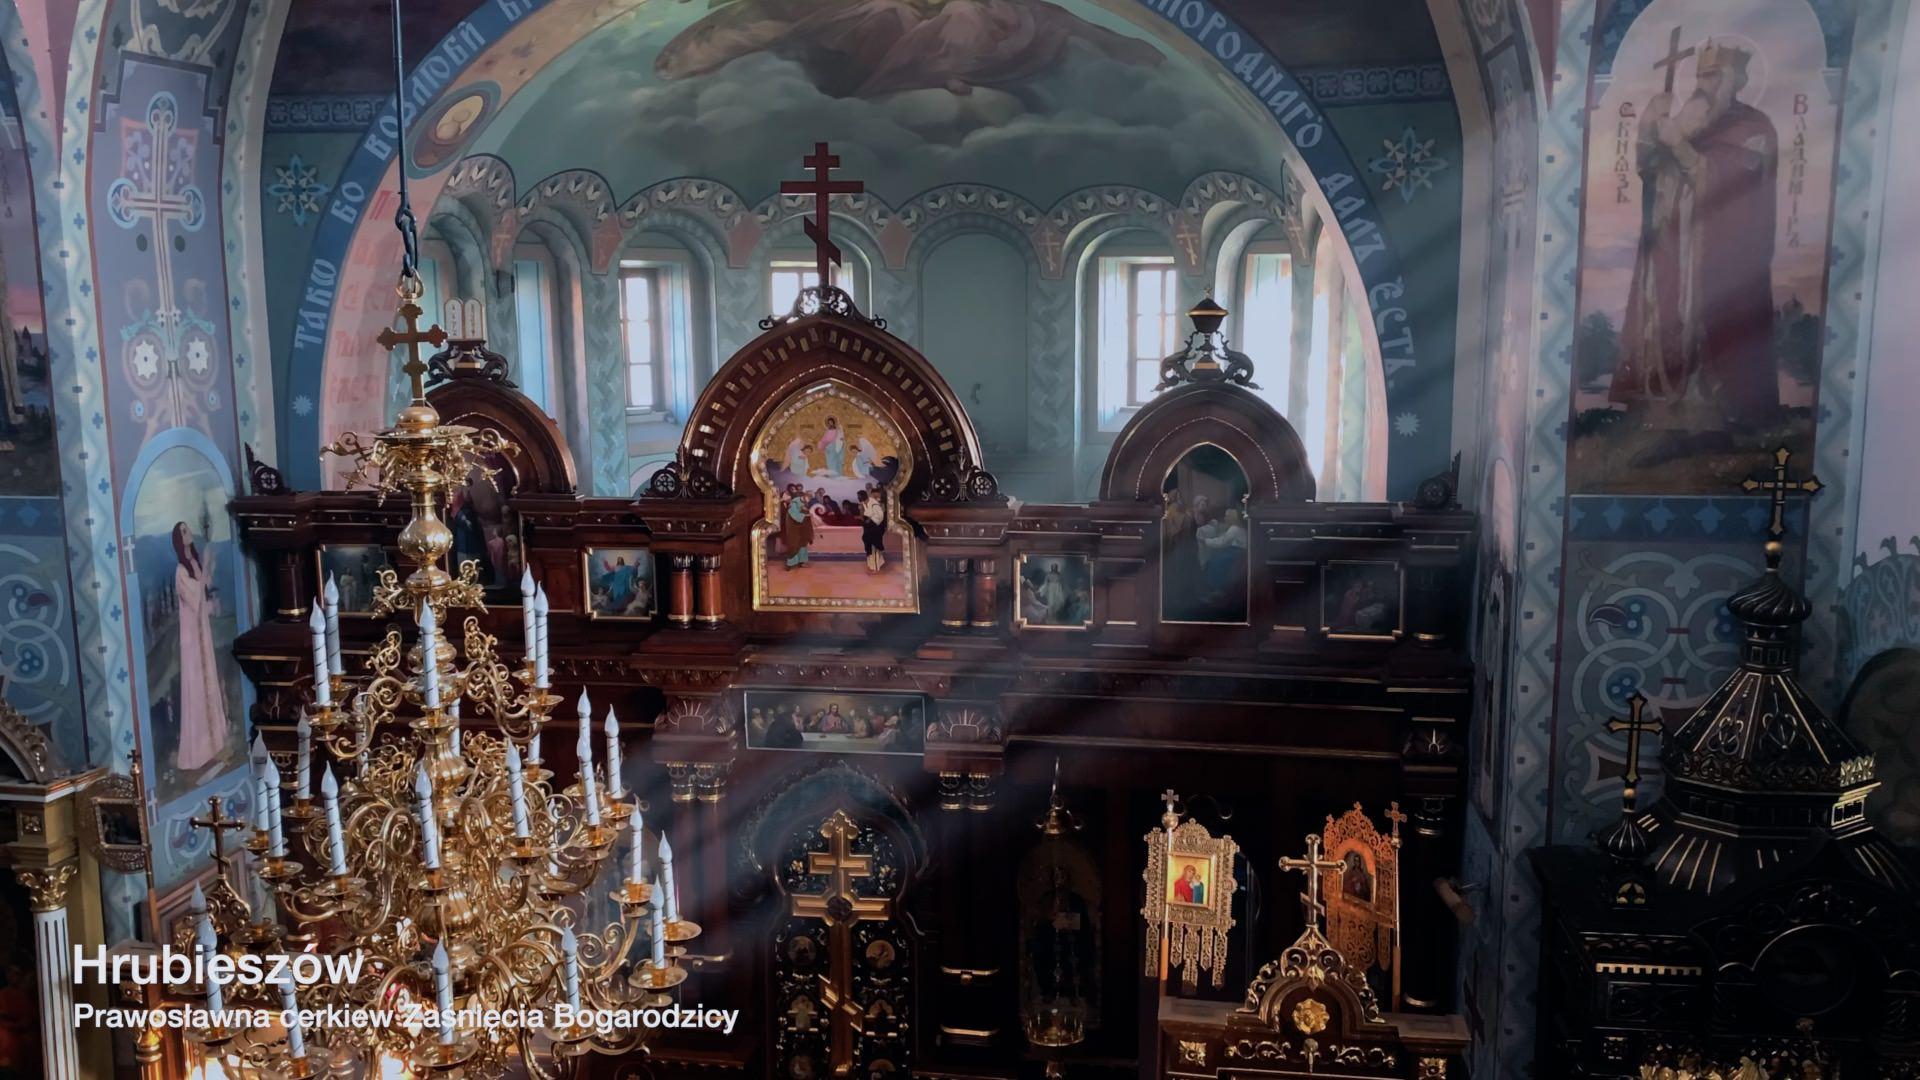 Hrubieszów – cerkiew prawosławna Zaśnięcia Bogarodzicy